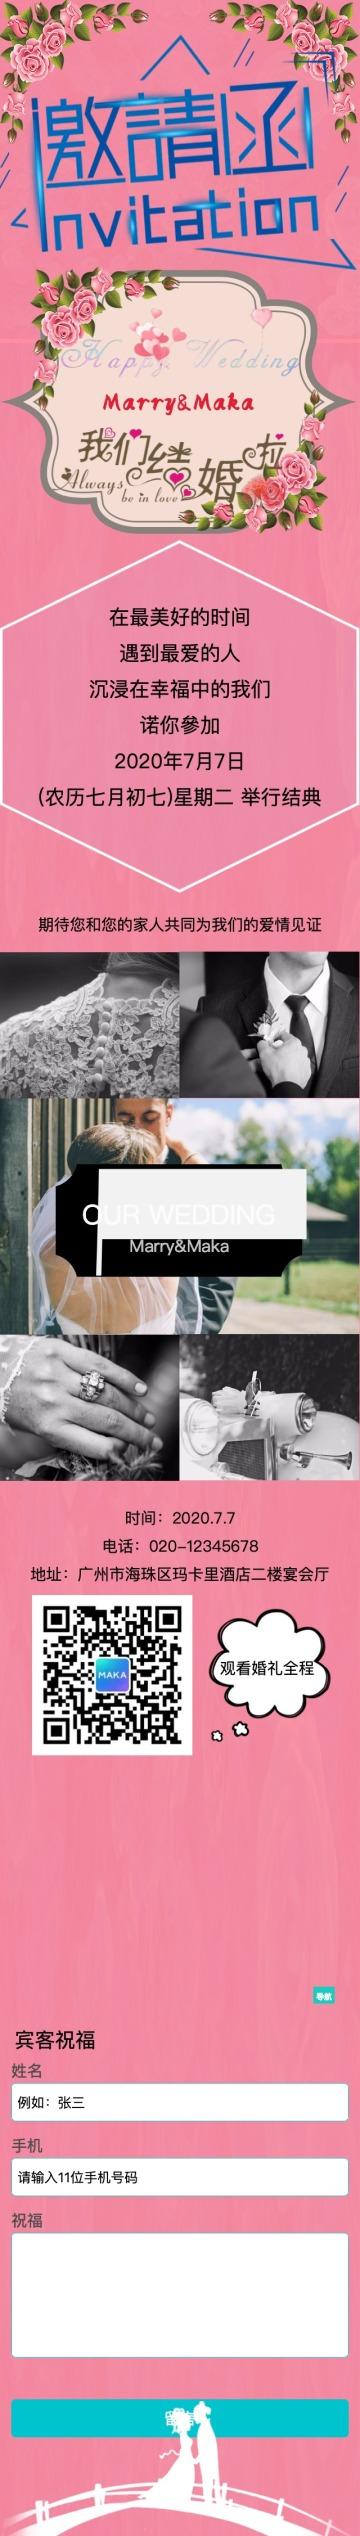 浪漫唯美婚礼婚庆单页宣传活动推广